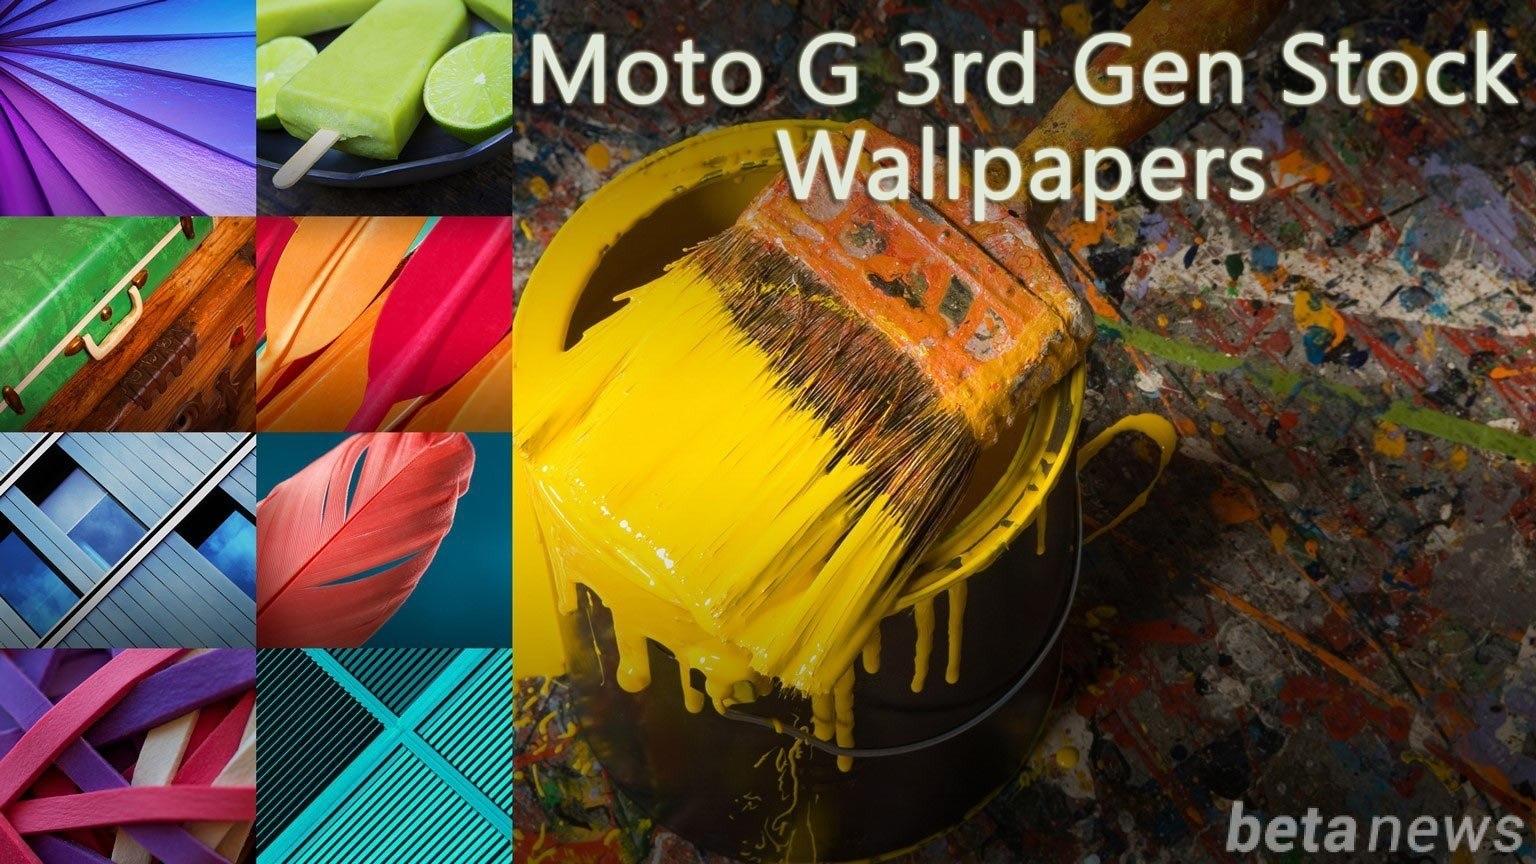 out the original Moto G 3rd Gen 2015 stock wallpapers below Moto G 1536x864